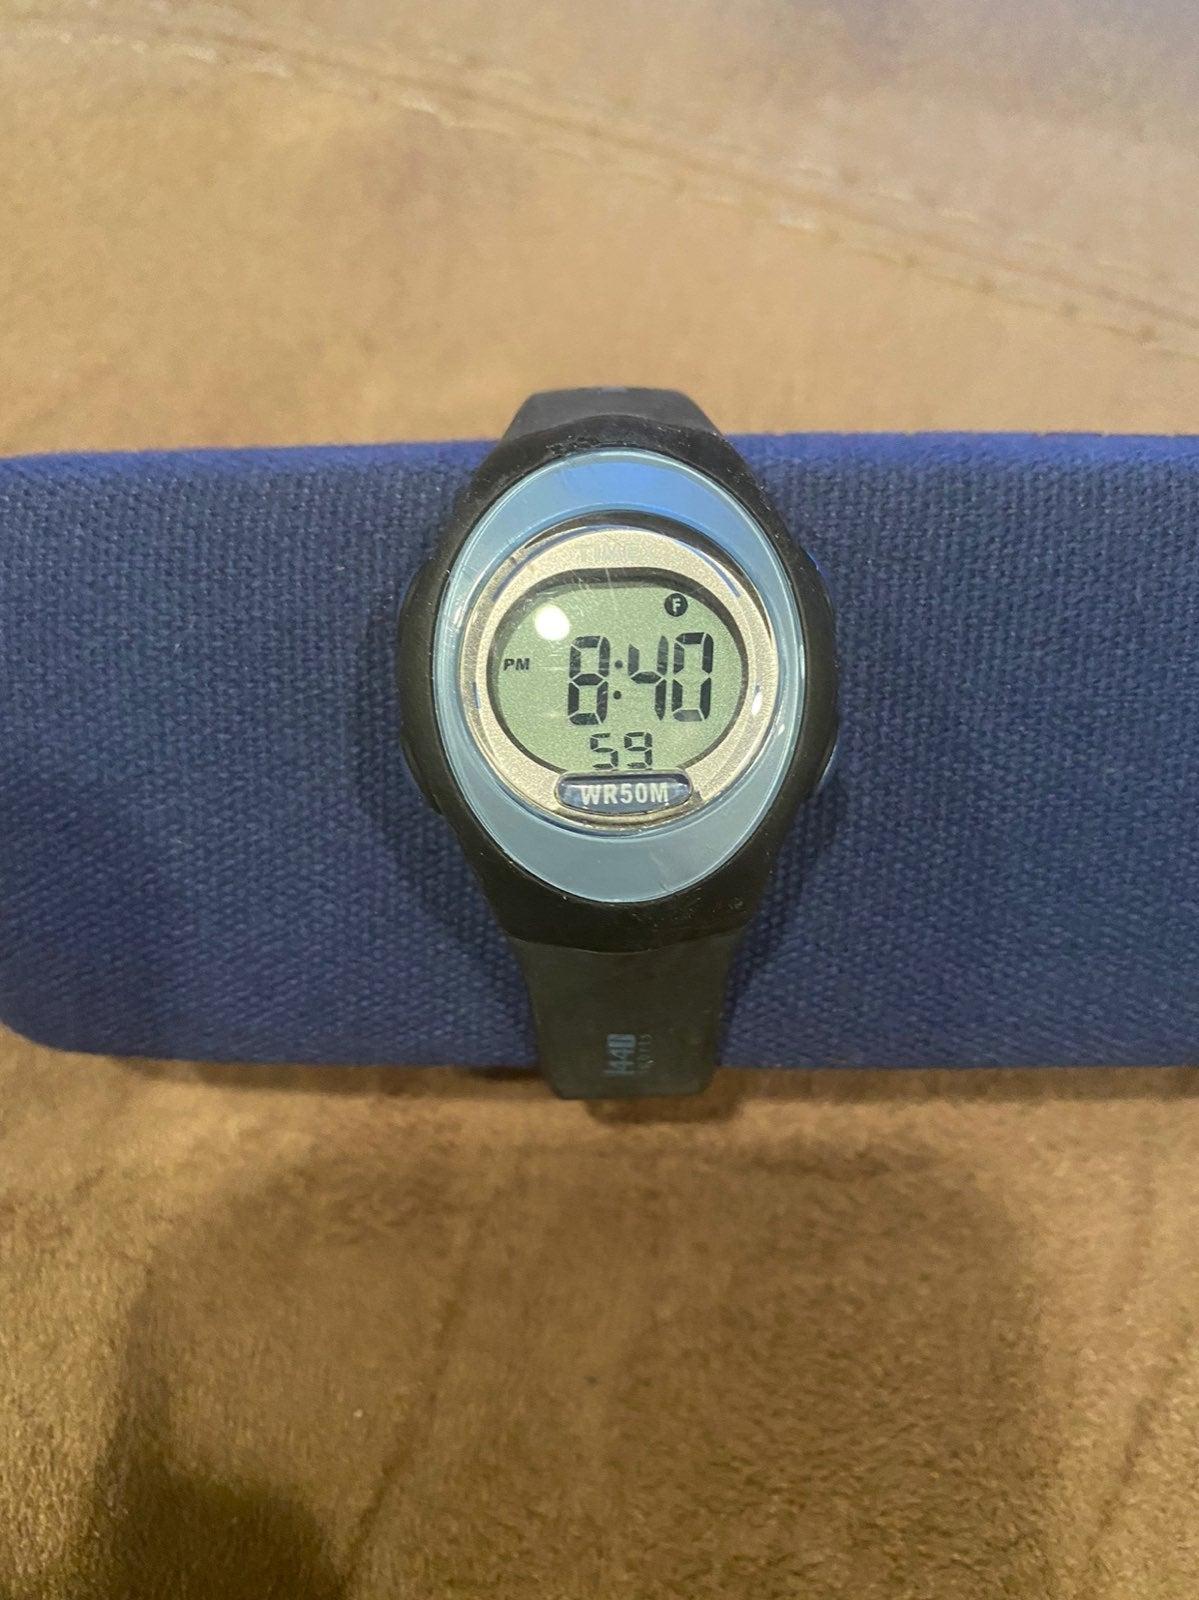 Timex 1440 Sports Watch